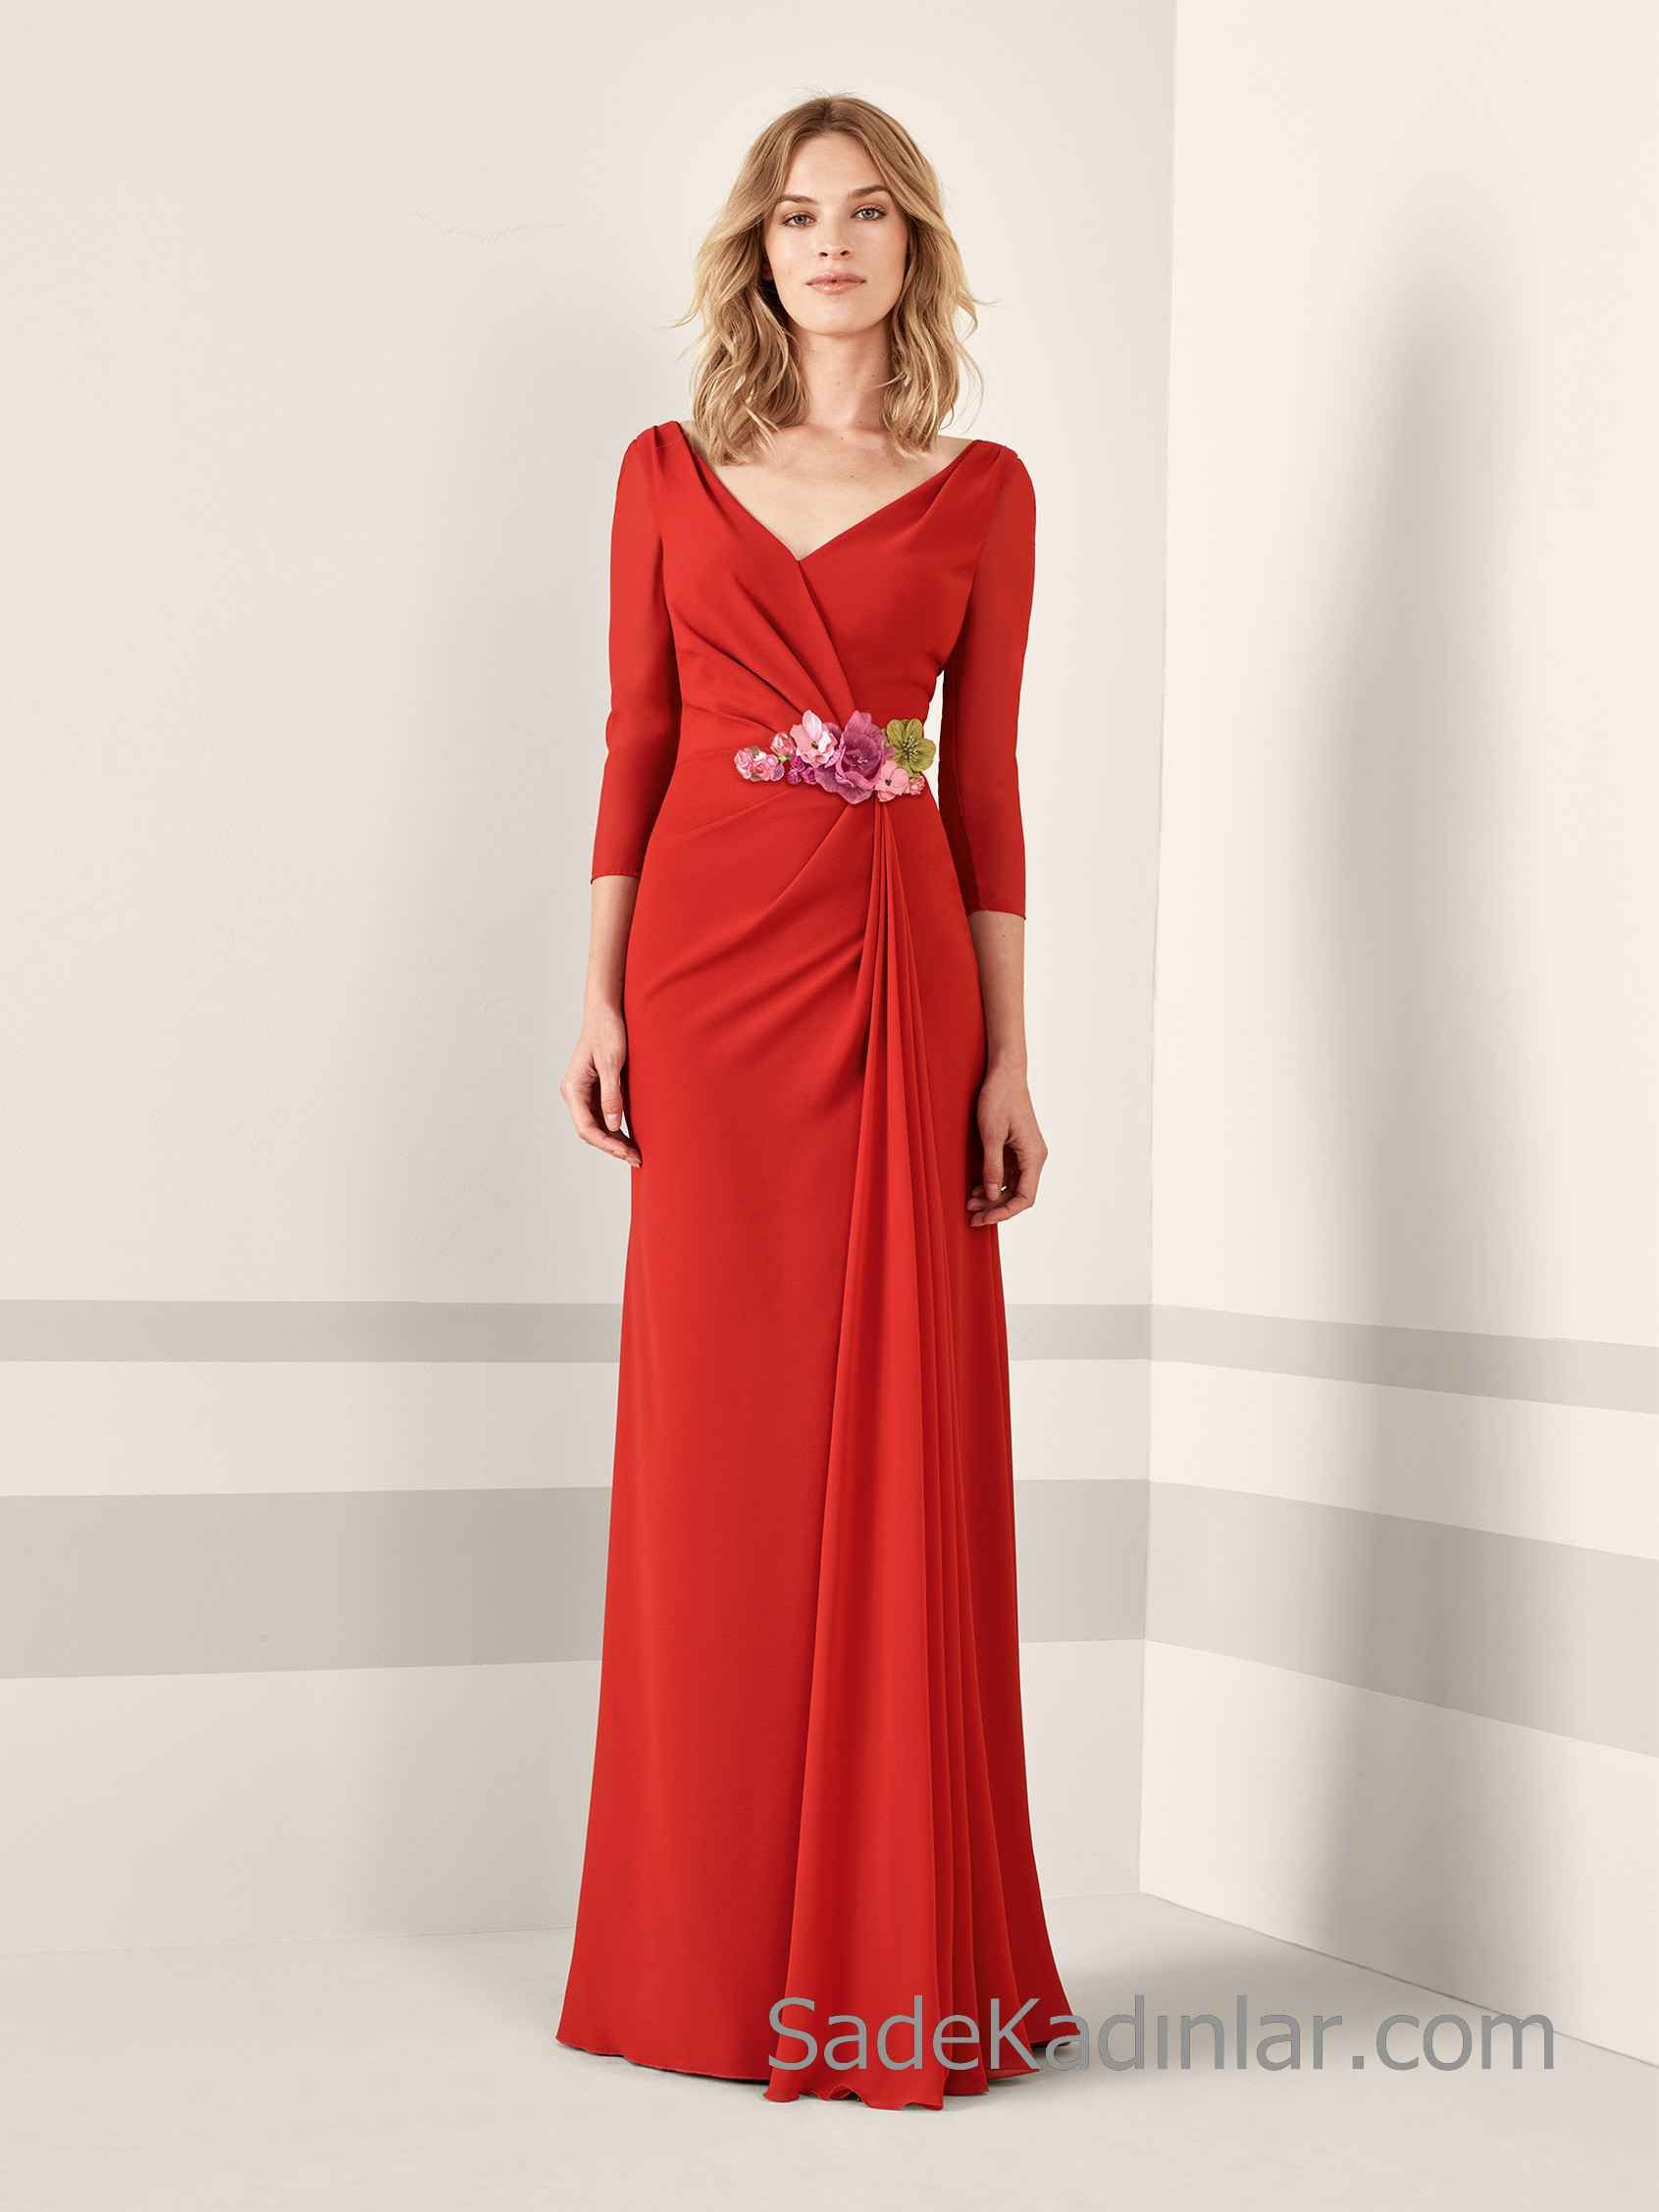 2019 Kına Abiye Elbise Modelleri